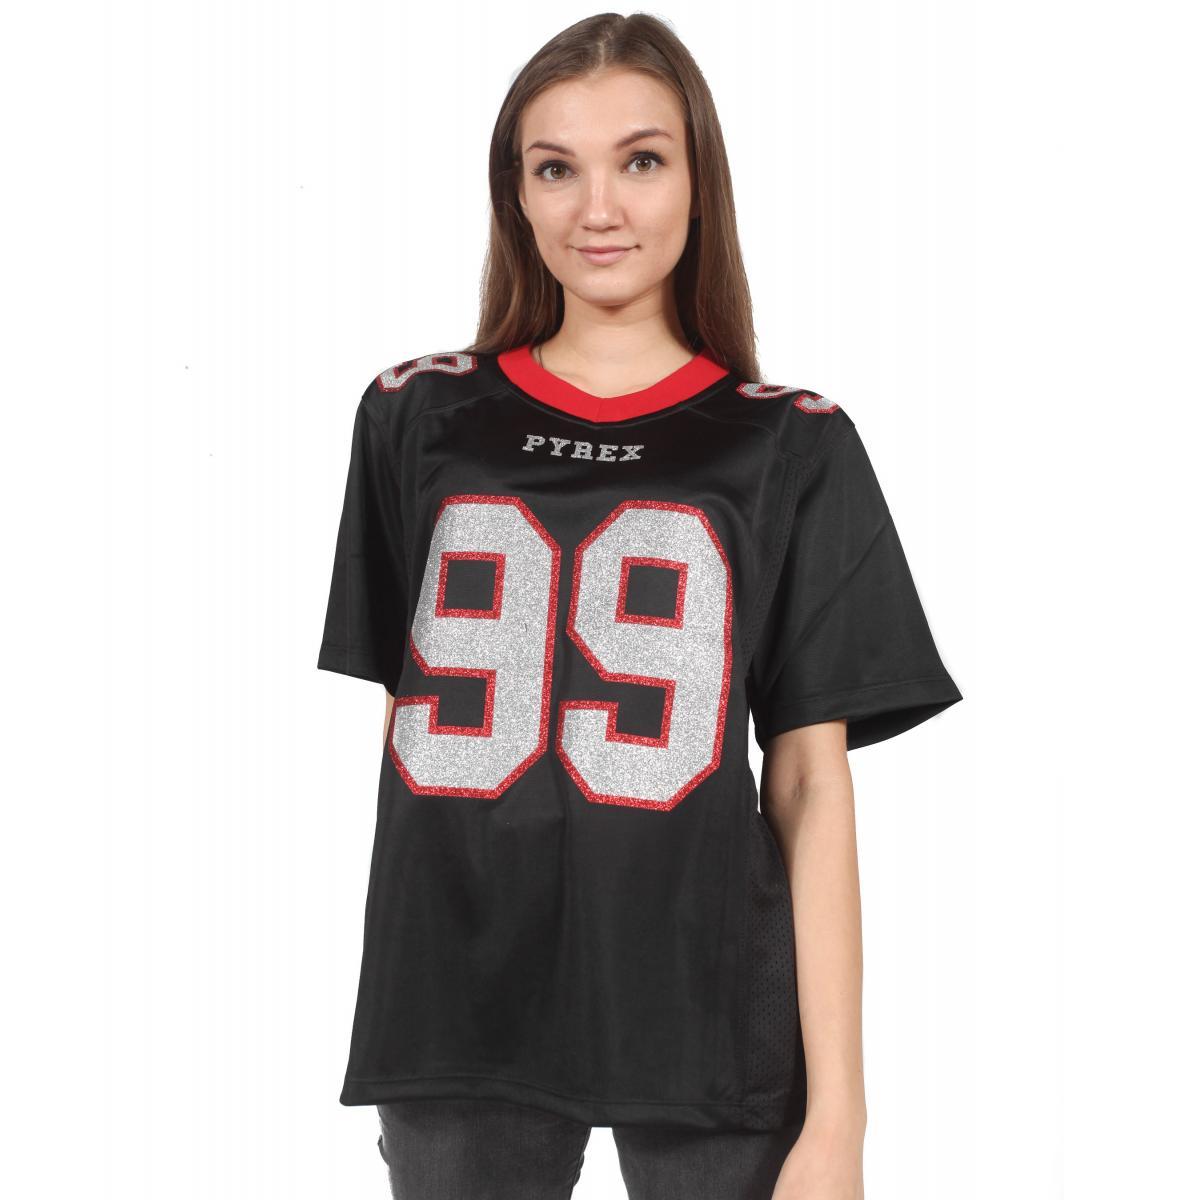 T-shirt Maglia Pyrex da Football da donna rif.18IPC34425